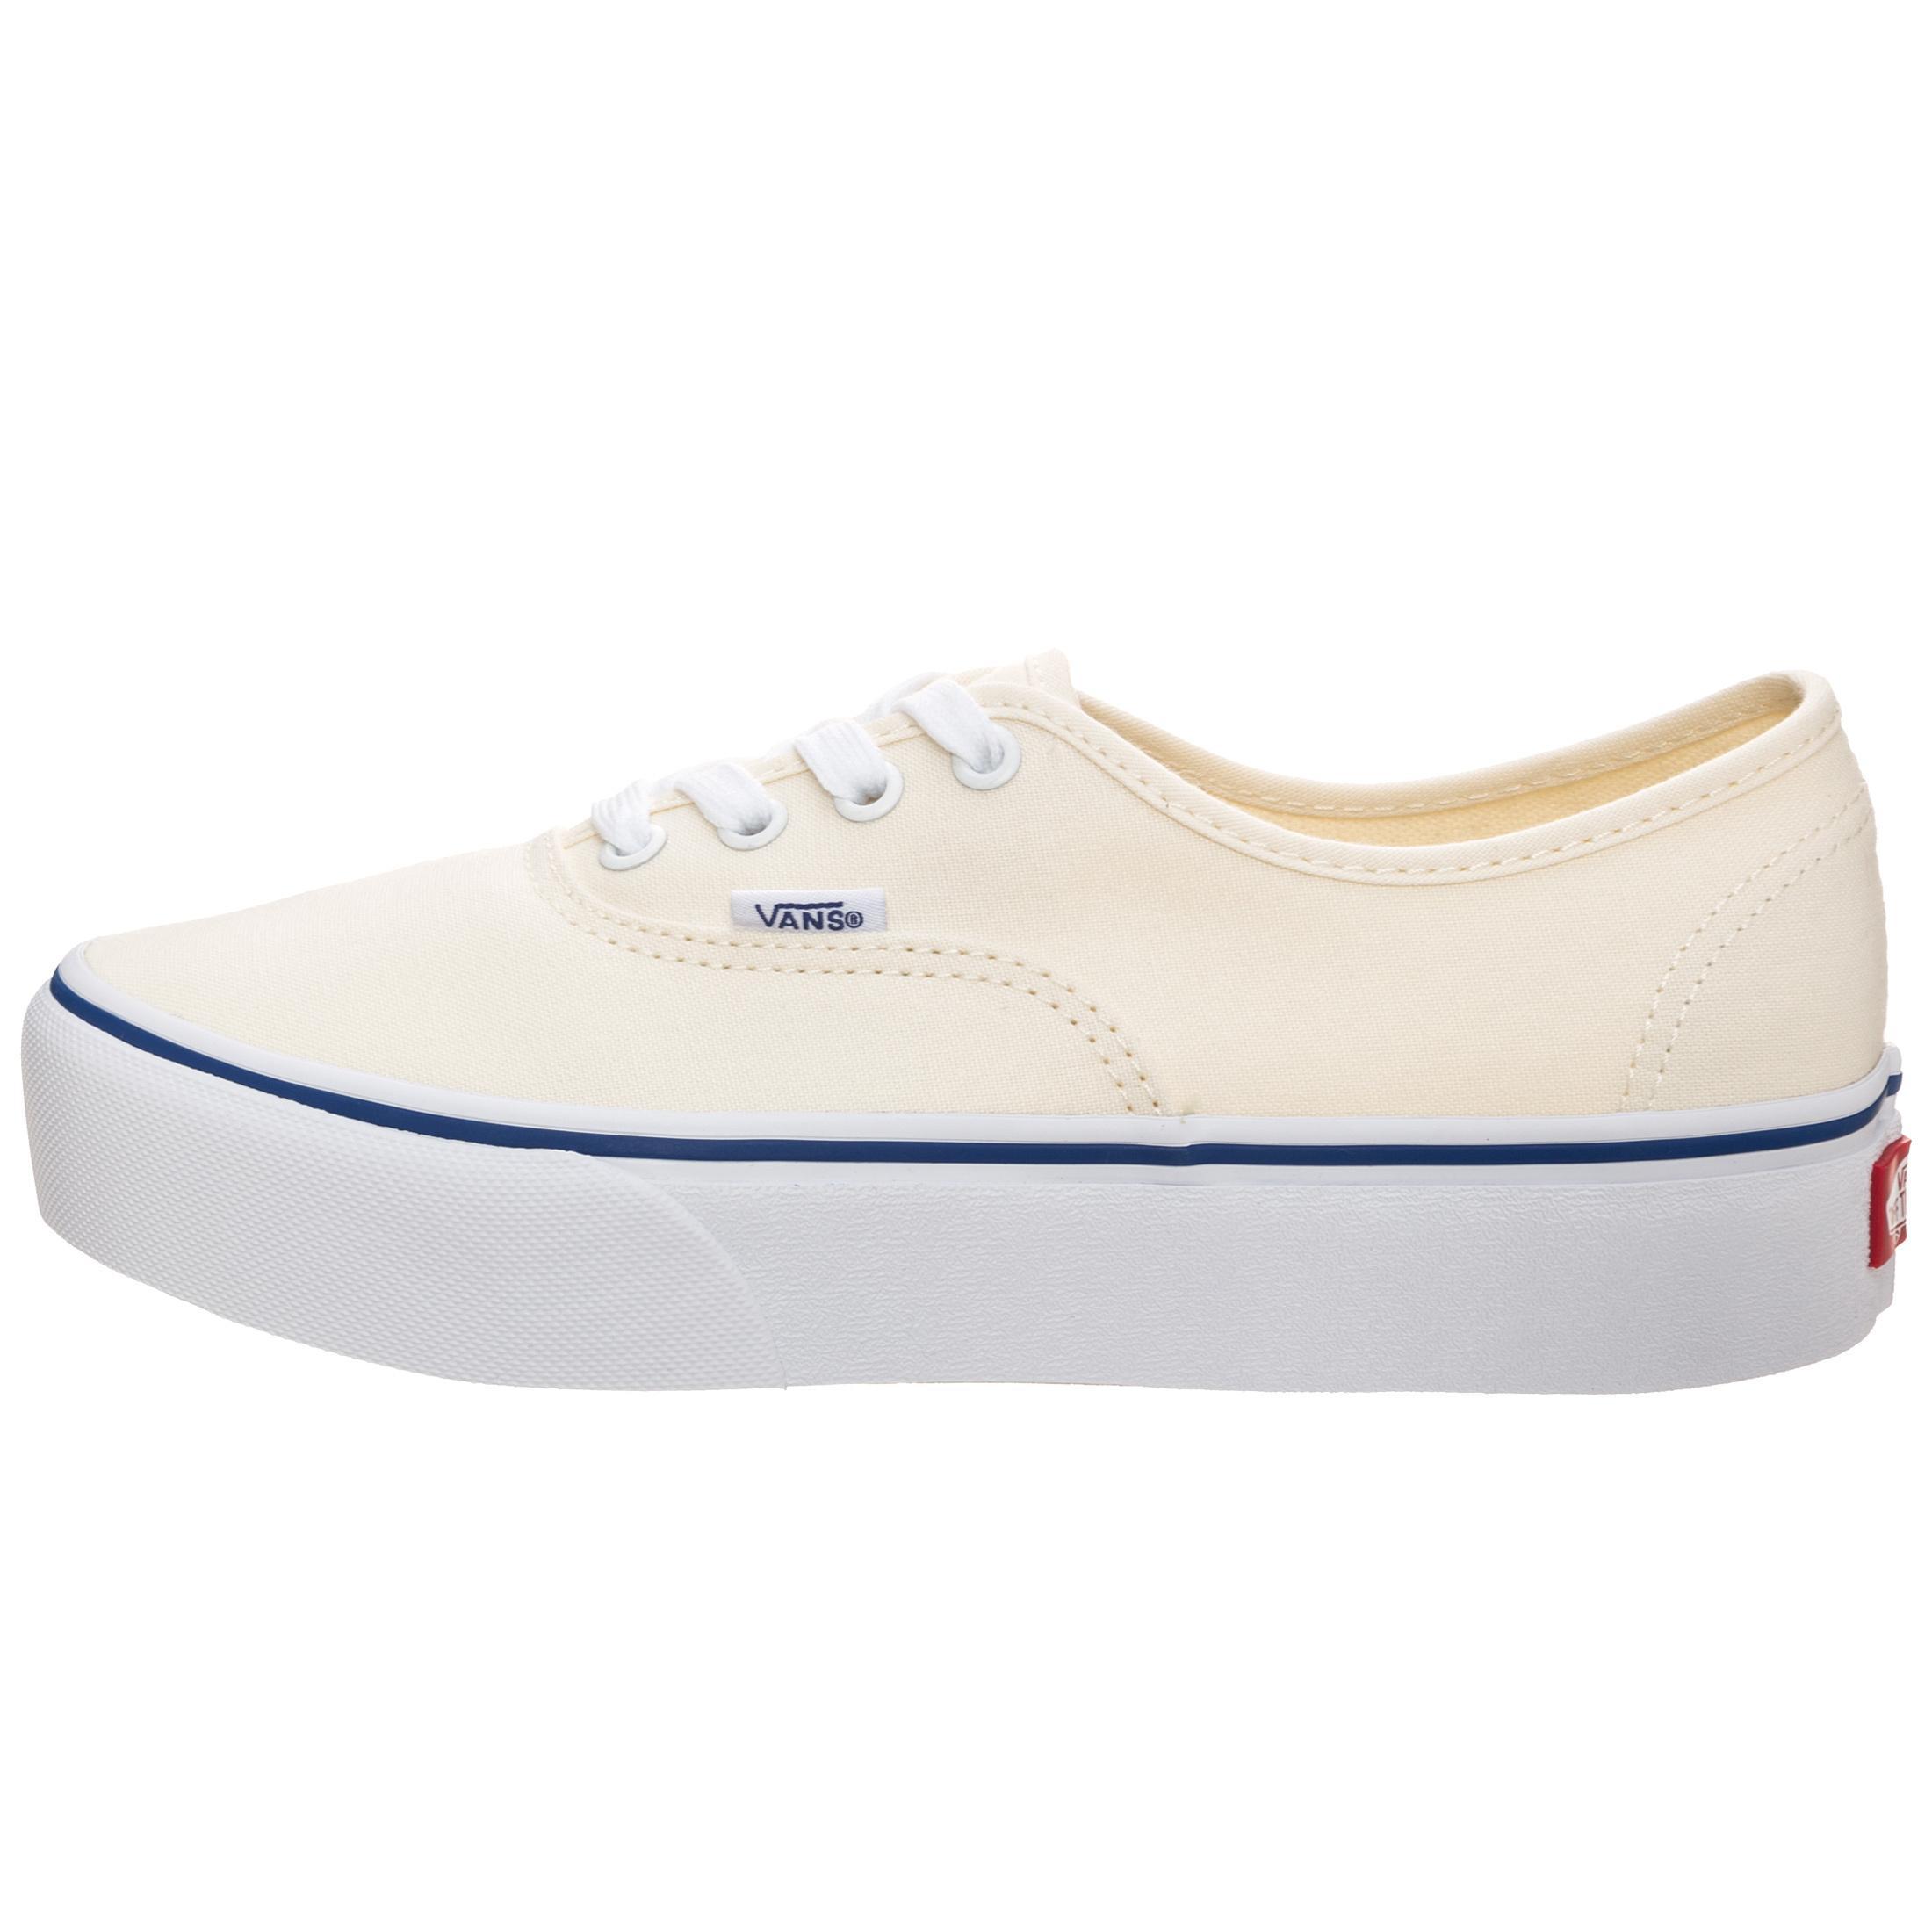 Vans Authentic Platform 2.0 Turnschuhe Turnschuhe Turnschuhe Damen beige   weiß im Online Shop von SportScheck kaufen Gute Qualität beliebte Schuhe eb8877